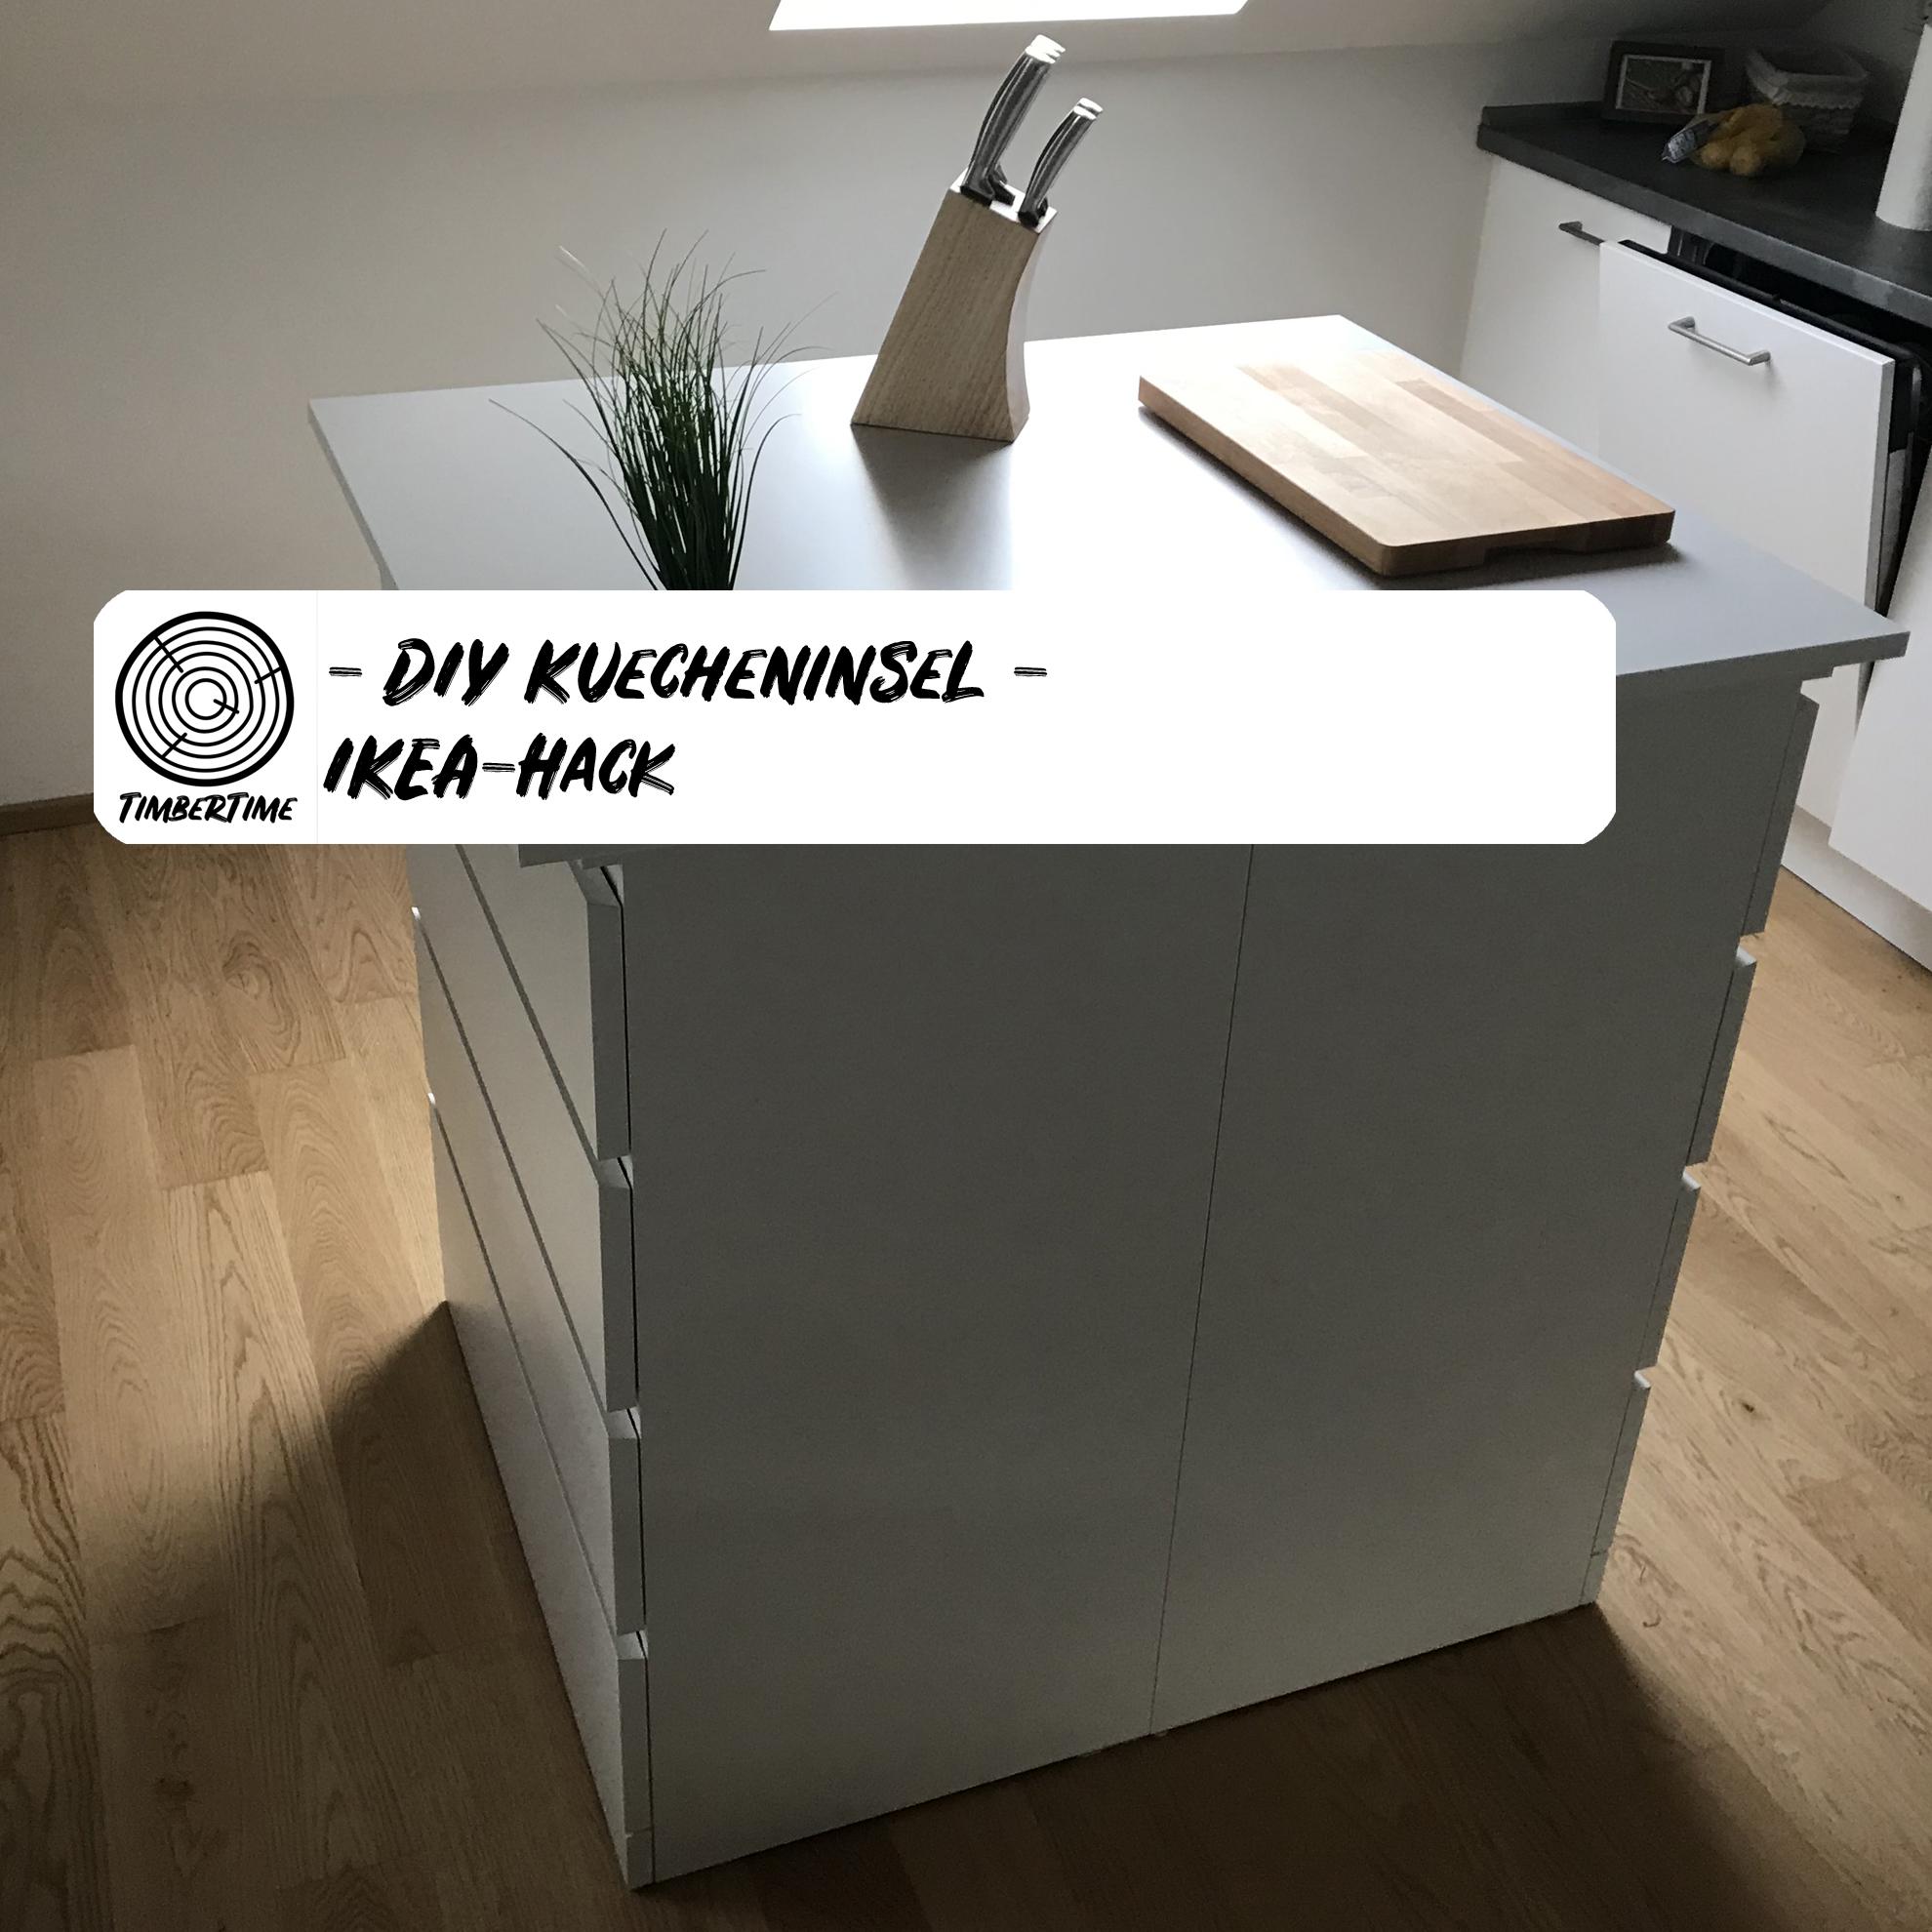 Full Size of Diy Kcheninsel Selber Bauen Ikea Hack Sofa Mit Schlaffunktion Modulküche Betten 160x200 Küche Kaufen Kosten Bei Miniküche Wohnzimmer Ikea Kücheninsel